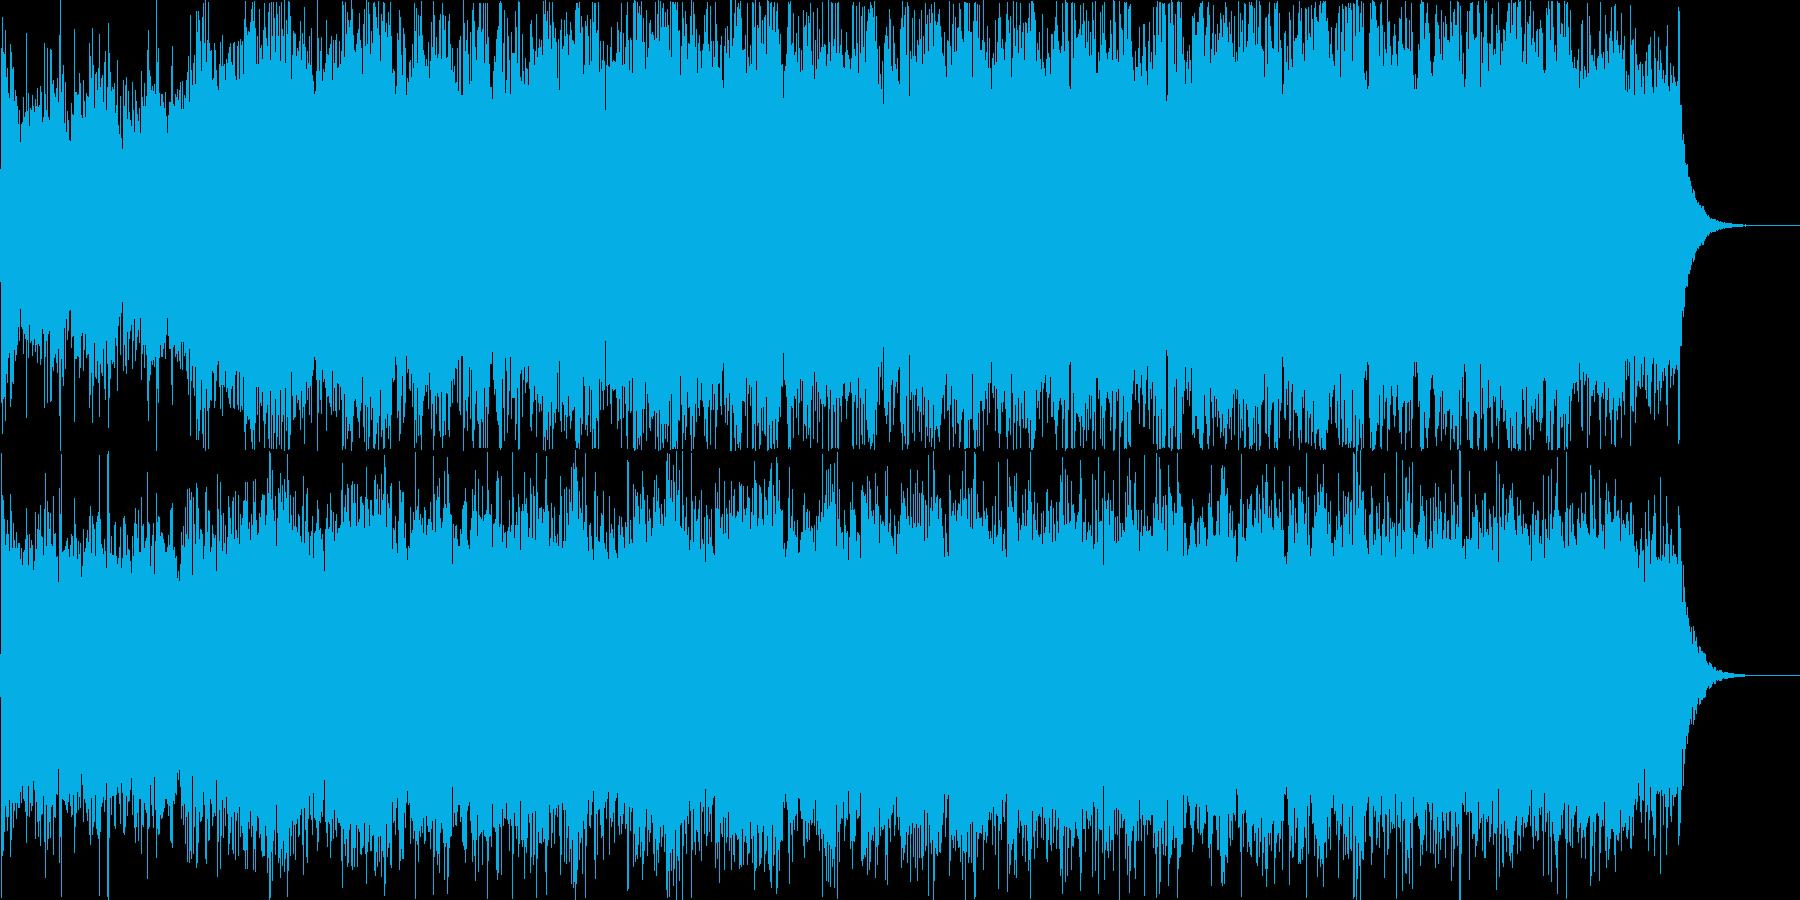 冒険やスペクタクルなシーンのオリジナル曲の再生済みの波形